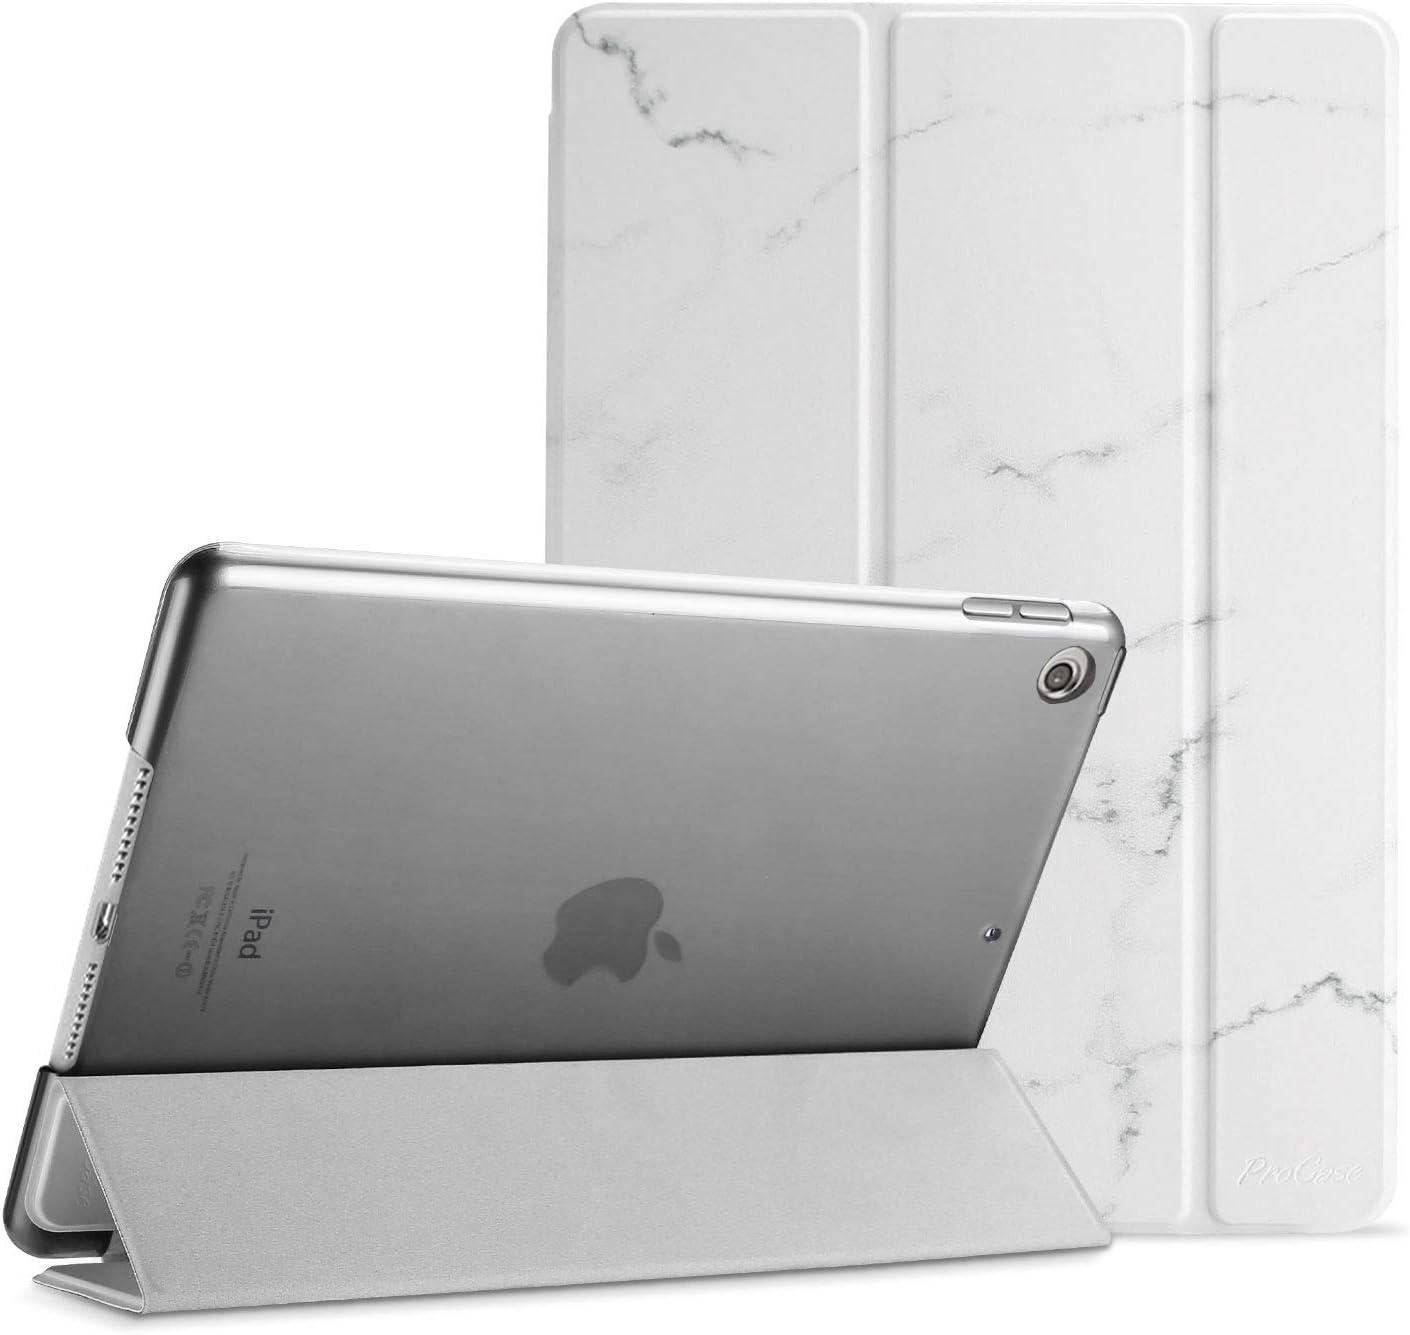 Funda protectora para iPad 7th Gen 10.2–Material blanco